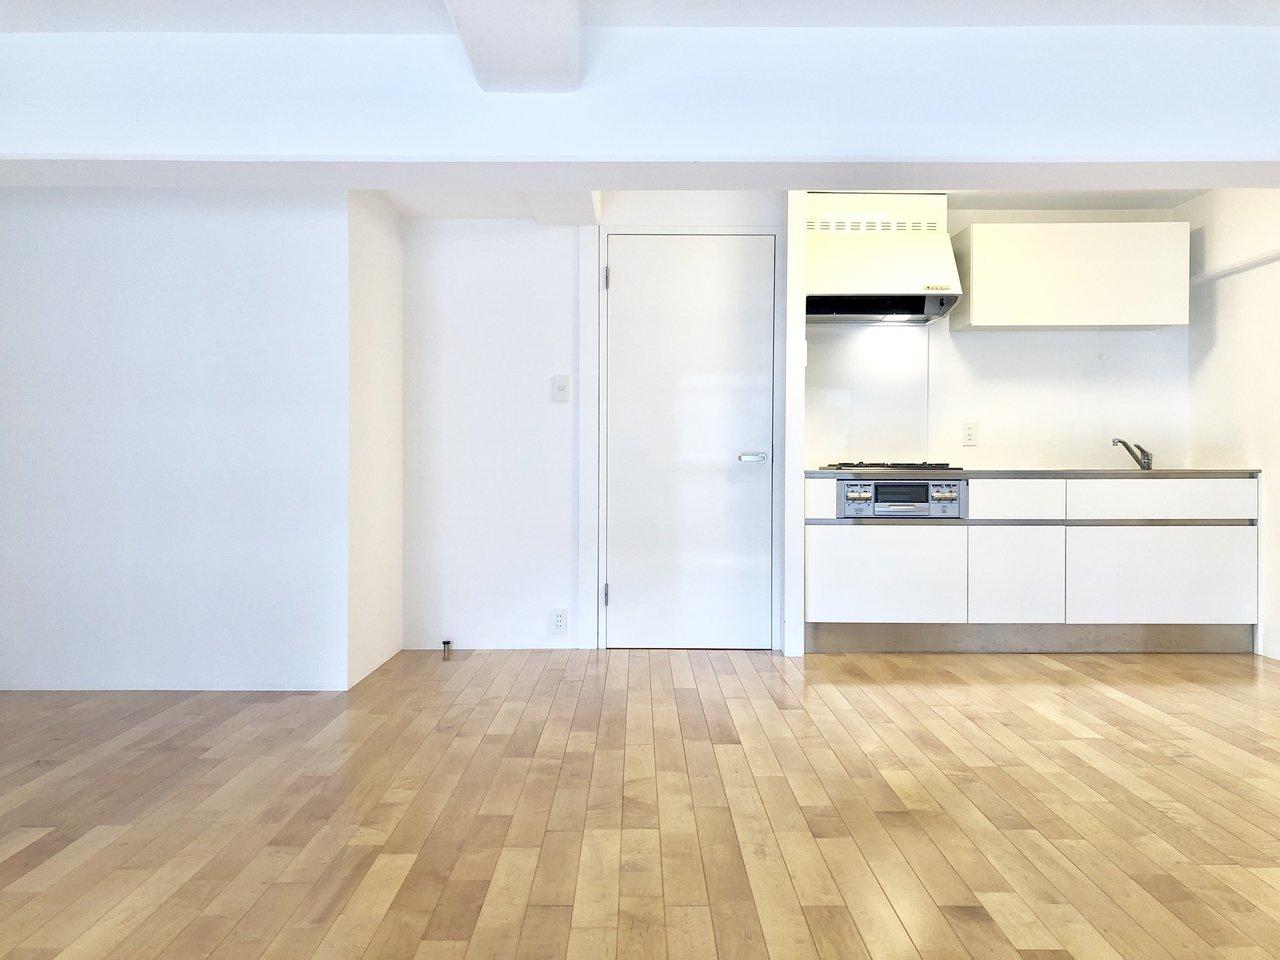 キッチンも新しいものに交換済み。シンプルなデザインが嬉しい。潔い真四角の間取りで使いやすそうです。